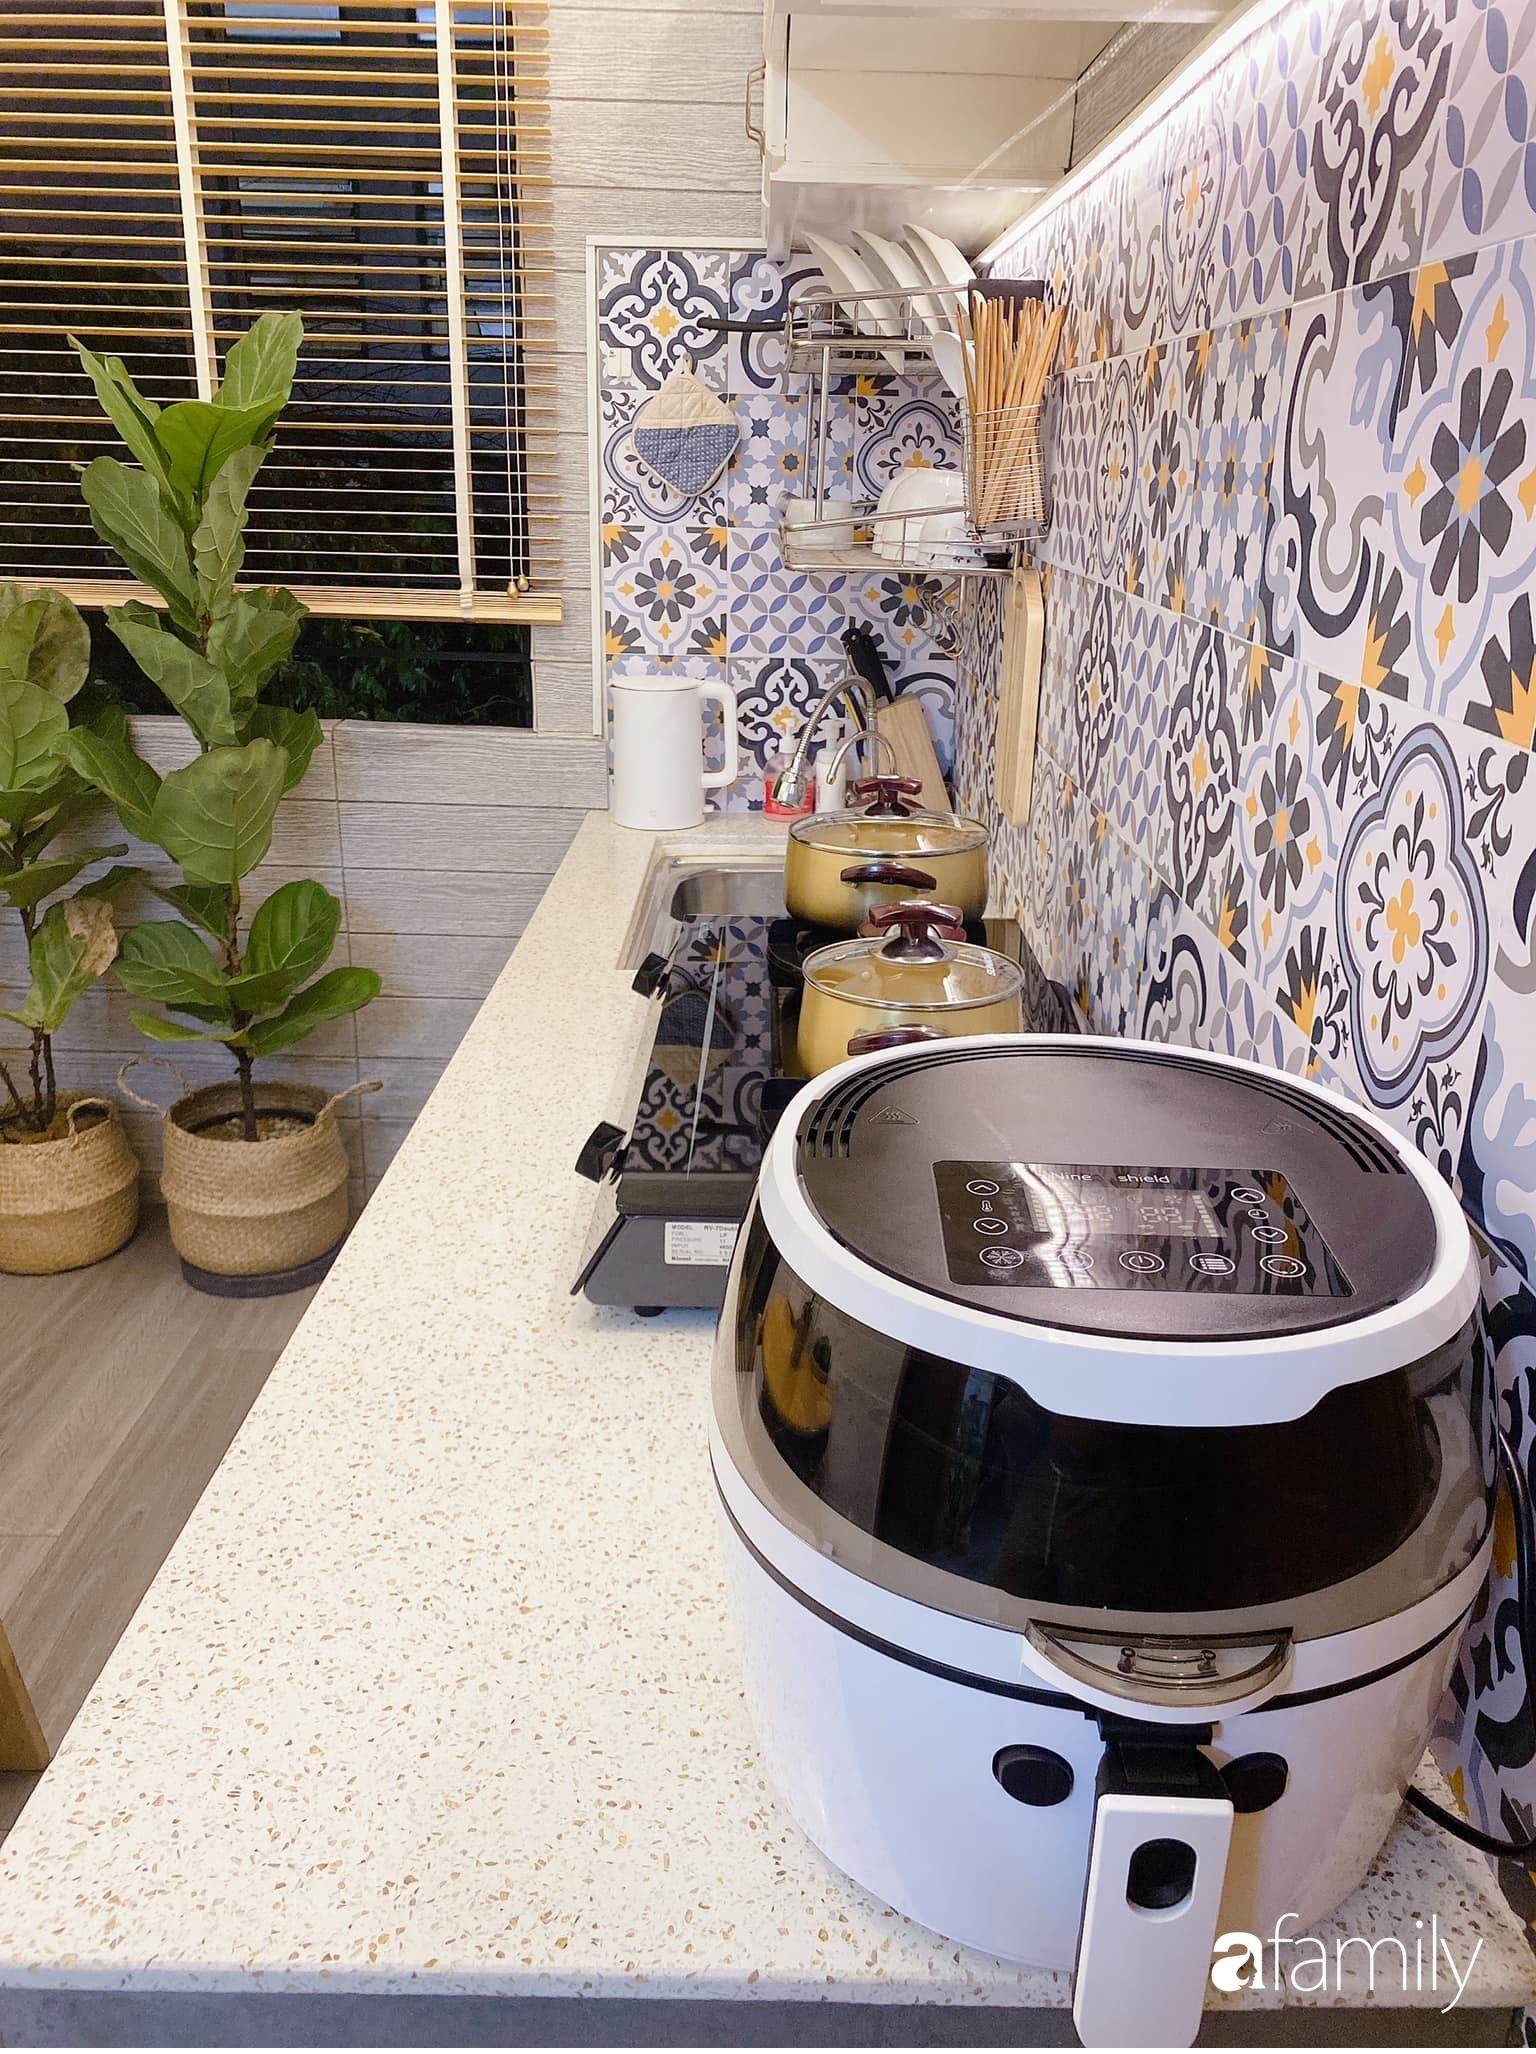 """Anh chồng chiều vợ """"thay áo mới"""" cho căn bếp cũ 6m² trở thành không gian đẹp miễn chê với chi phí chưa đến 3 triệu đồng ở Đà Nẵng - Ảnh 13."""